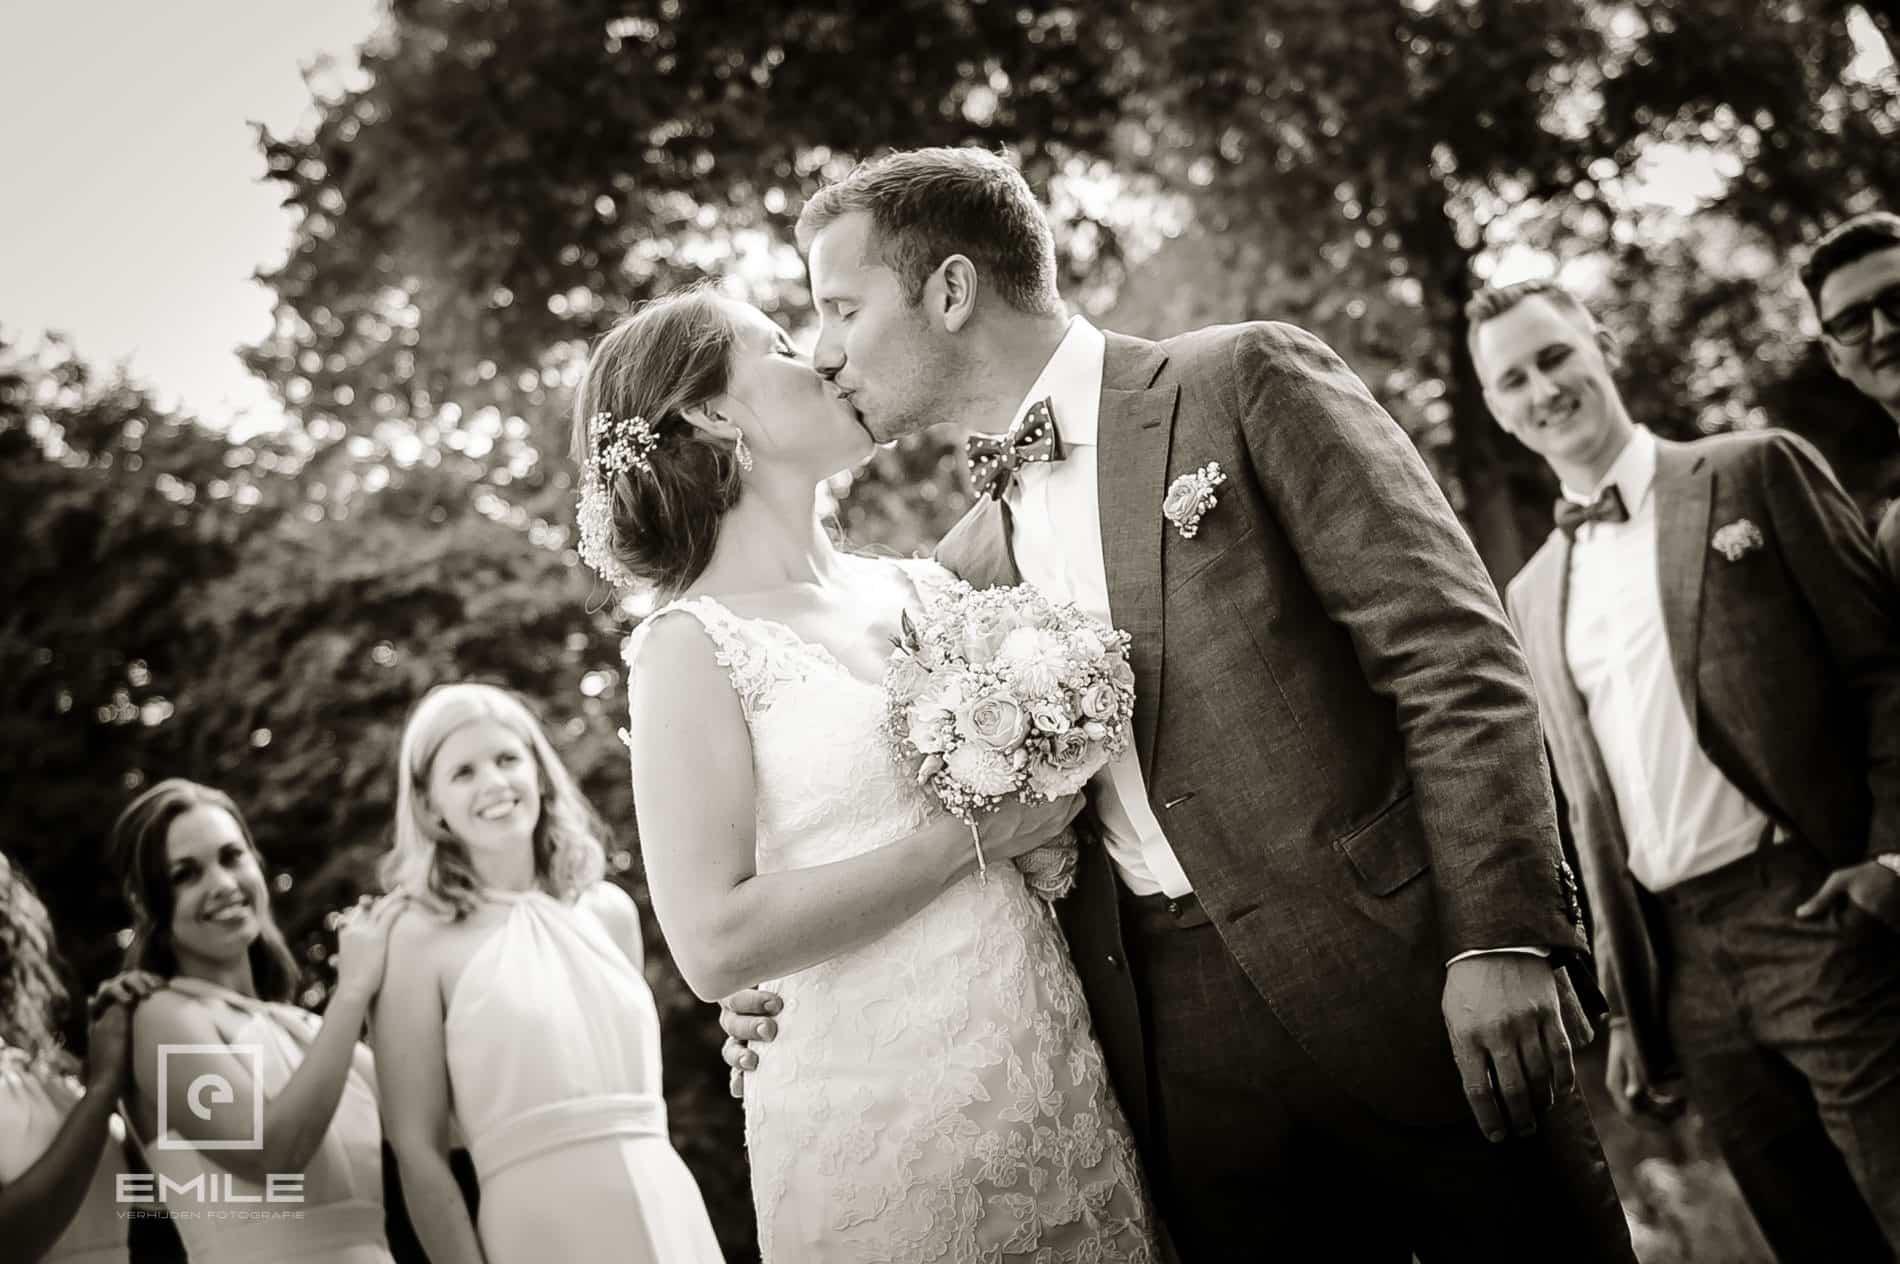 Bruidsfotograaf Landgraaf - Winselerhof. Bruidspaar kust, vrienden staan onscherp in de achtergrond